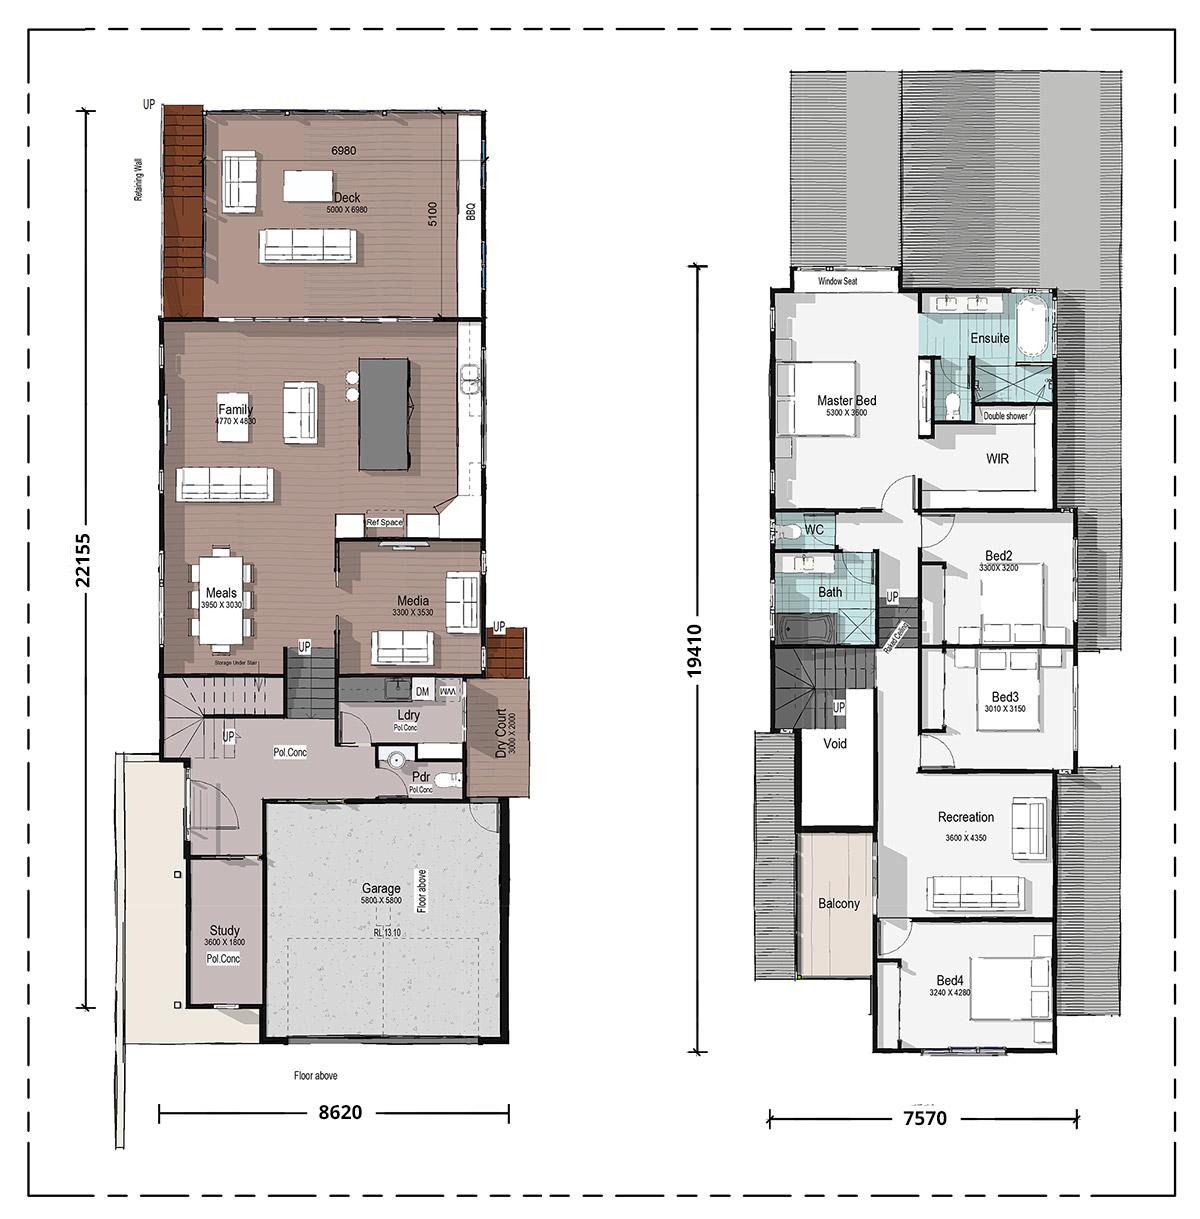 Goshawk Floorplan